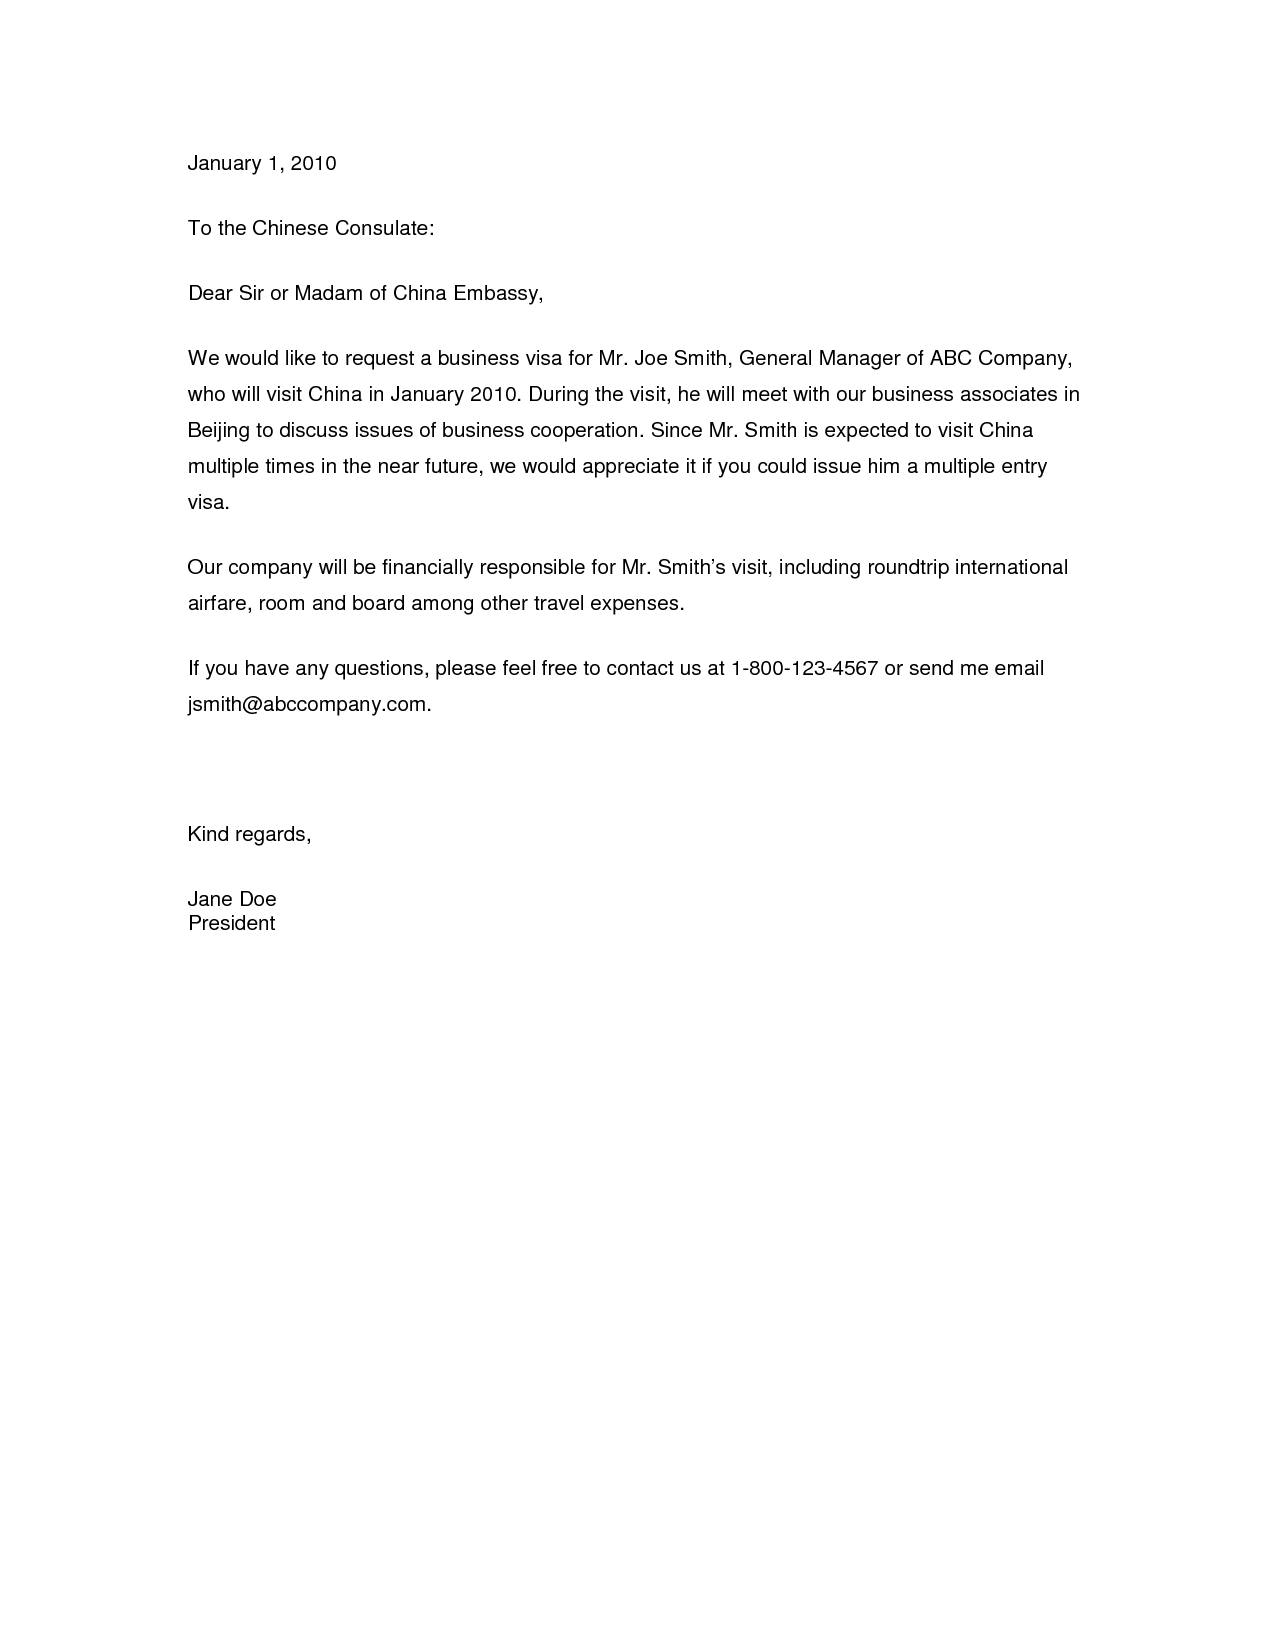 Visa Application Letter Sample Invitation Letter Of